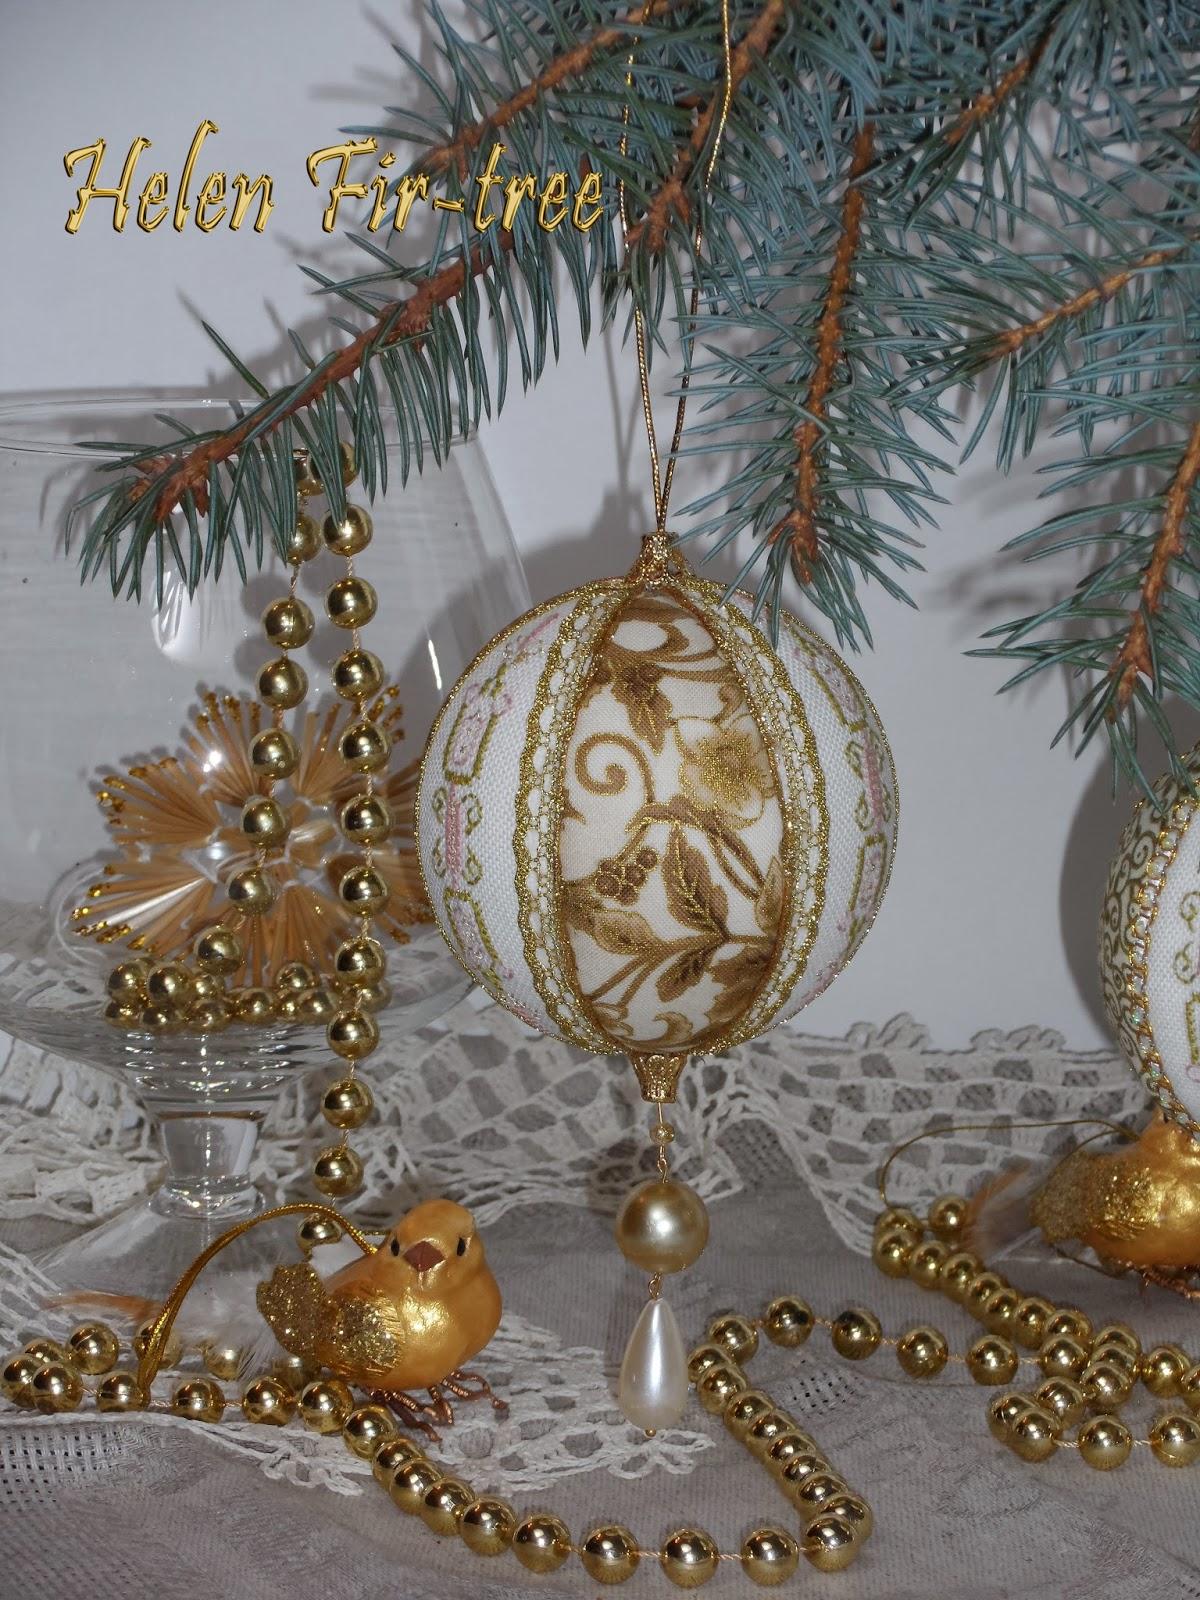 Helen Fir-tree вышивка винтажные ёлочные шары